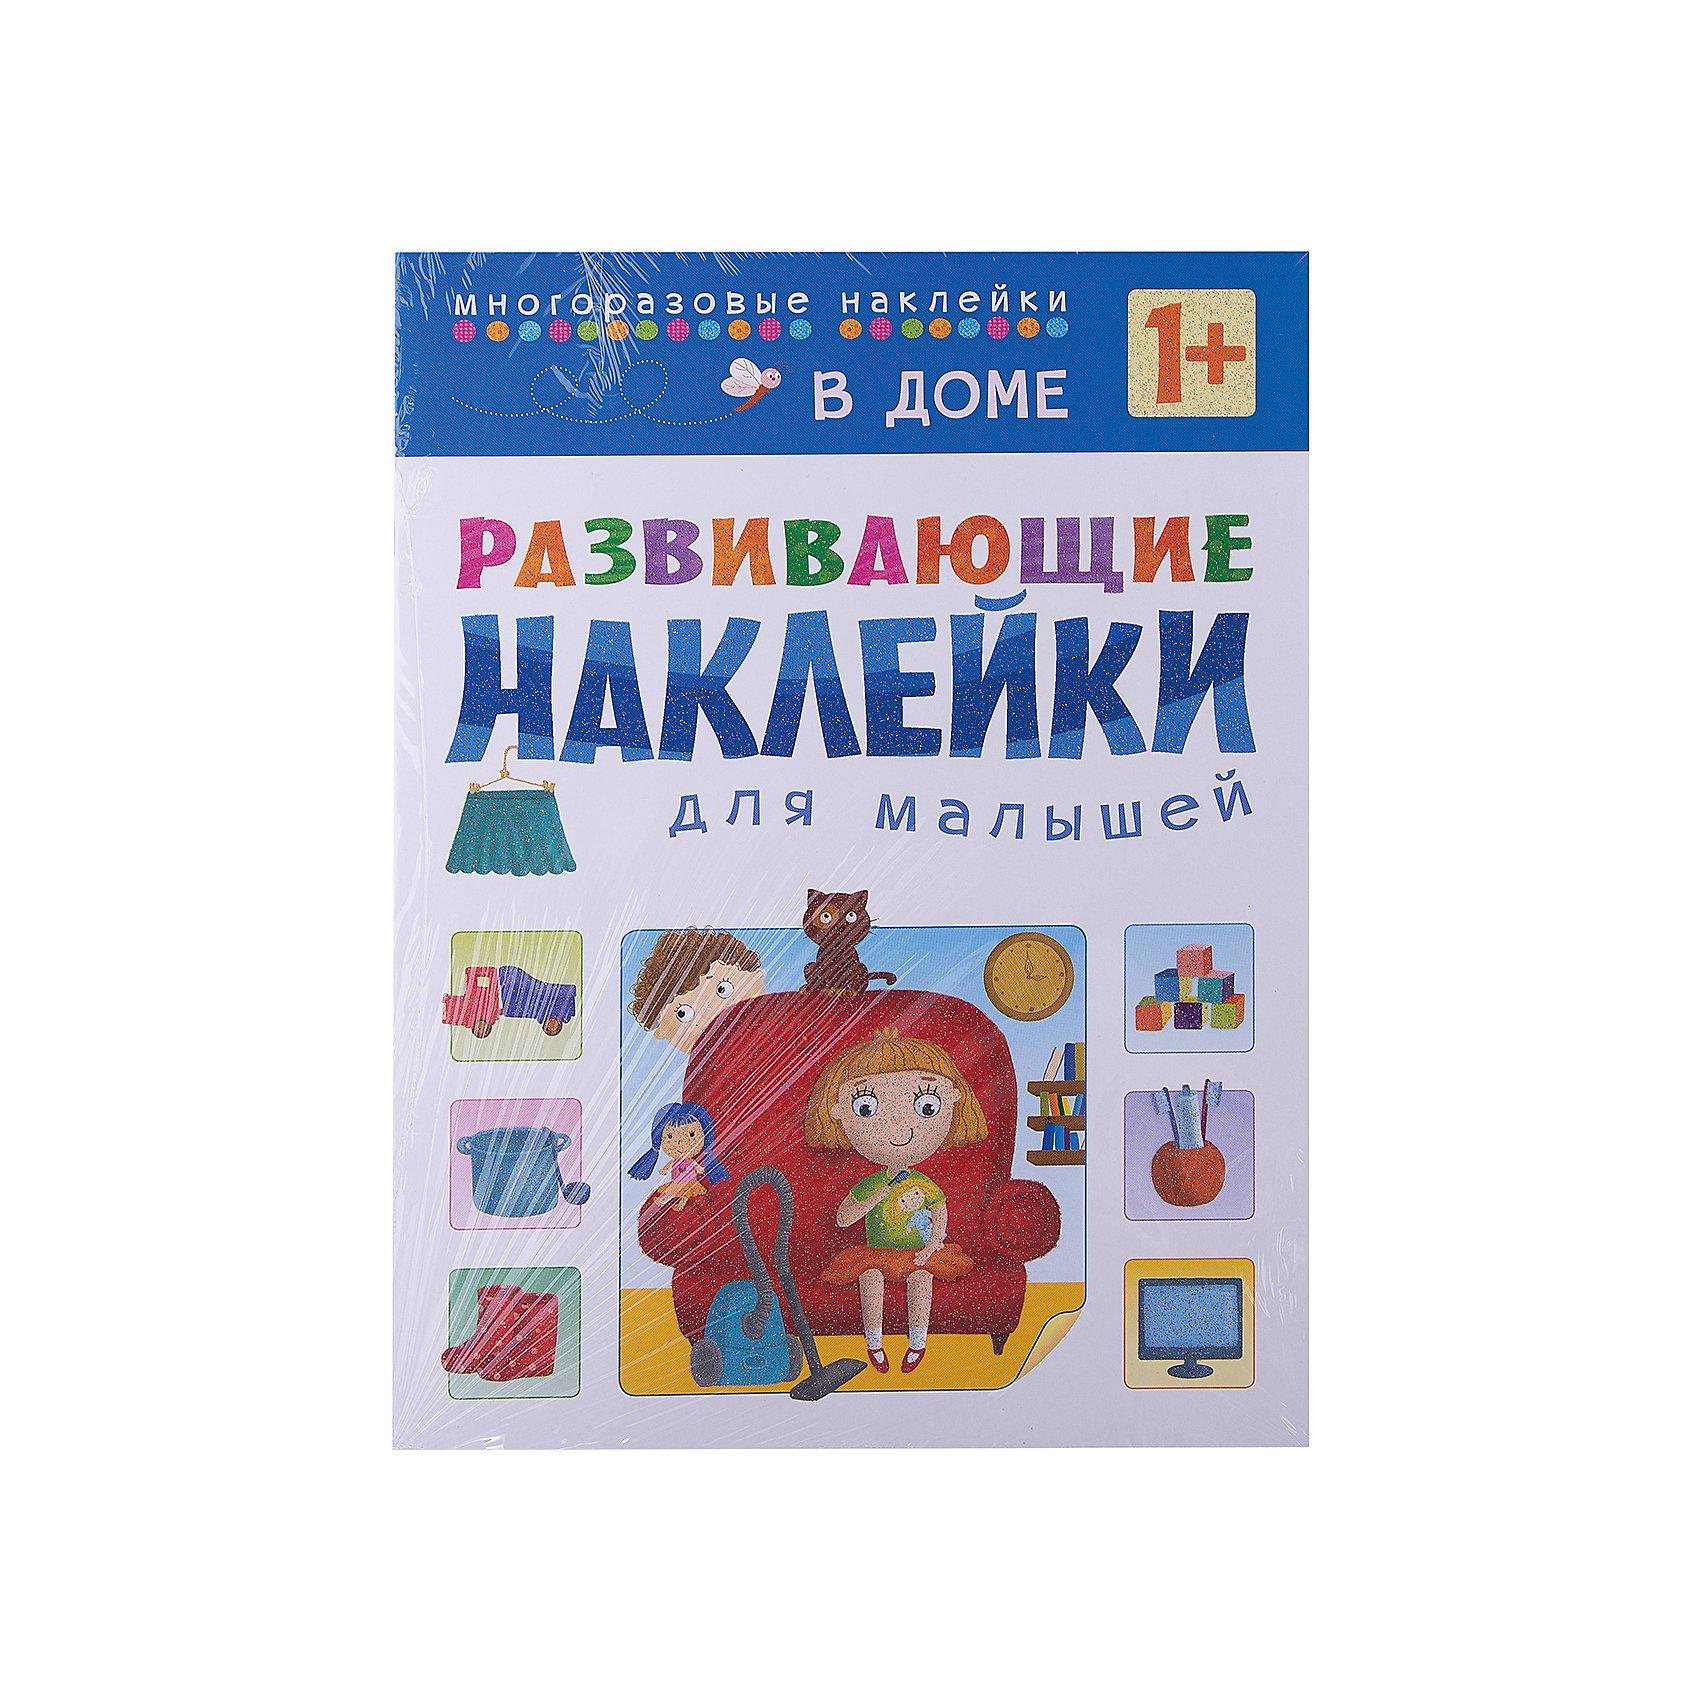 В доме, Развивающие наклейки для малышейХарактеристики книжки В доме с наклейками:<br><br>• возраст: от 1 года<br>• пол: для мальчиков и девочек<br>• размеры: 19.5x25.5<br>• материал: бумага, полимер<br>• переплет мягкая обложка<br>• количество страниц: 10<br>• цветные иллюстрации: да<br>• язык издания: русский<br>• вес: 65 г<br>• тип издания: отдельное издание<br>• серия : развивающие наклейки для малышей<br>• редактор: Валерия Вилюнова<br>• иллюстратор: Евгения Миронюк<br>• издательство: Мозаика-Синтез<br>• страна обладатель бренда: Россия.<br>• страна изготовитель: Россия<br><br>Эта книжка с наклейками предназначена для самых маленьких читателей. Уже в 1 год ребенок способен выполнять задания, приклеивая наклейки в нужное место. Это занятие не только приносит малышу удовольствие и радость, но и способствует развитию речи, интеллекта, мелкой моторики, координации движений, умения находить и принимать решения; расширяет представления об окружающем мире. <br><br>С помощью этой книги малыш побывает в доме - в кухне, прихожей, ванной и других комнатах, познакомится с такими понятиями, как посуда, одежда, обувь, мебель. Наклейки в книге многоразовые, так что ребенок, может смело экспериментировать, не боясь ошибиться.<br><br>Книжку В доме с наклейками издательства Мозаика-Синтез можно купить в нашем интернет-магазине.<br><br>Ширина мм: 2<br>Глубина мм: 195<br>Высота мм: 255<br>Вес г: 64<br>Возраст от месяцев: 12<br>Возраст до месяцев: 36<br>Пол: Унисекс<br>Возраст: Детский<br>SKU: 5362858